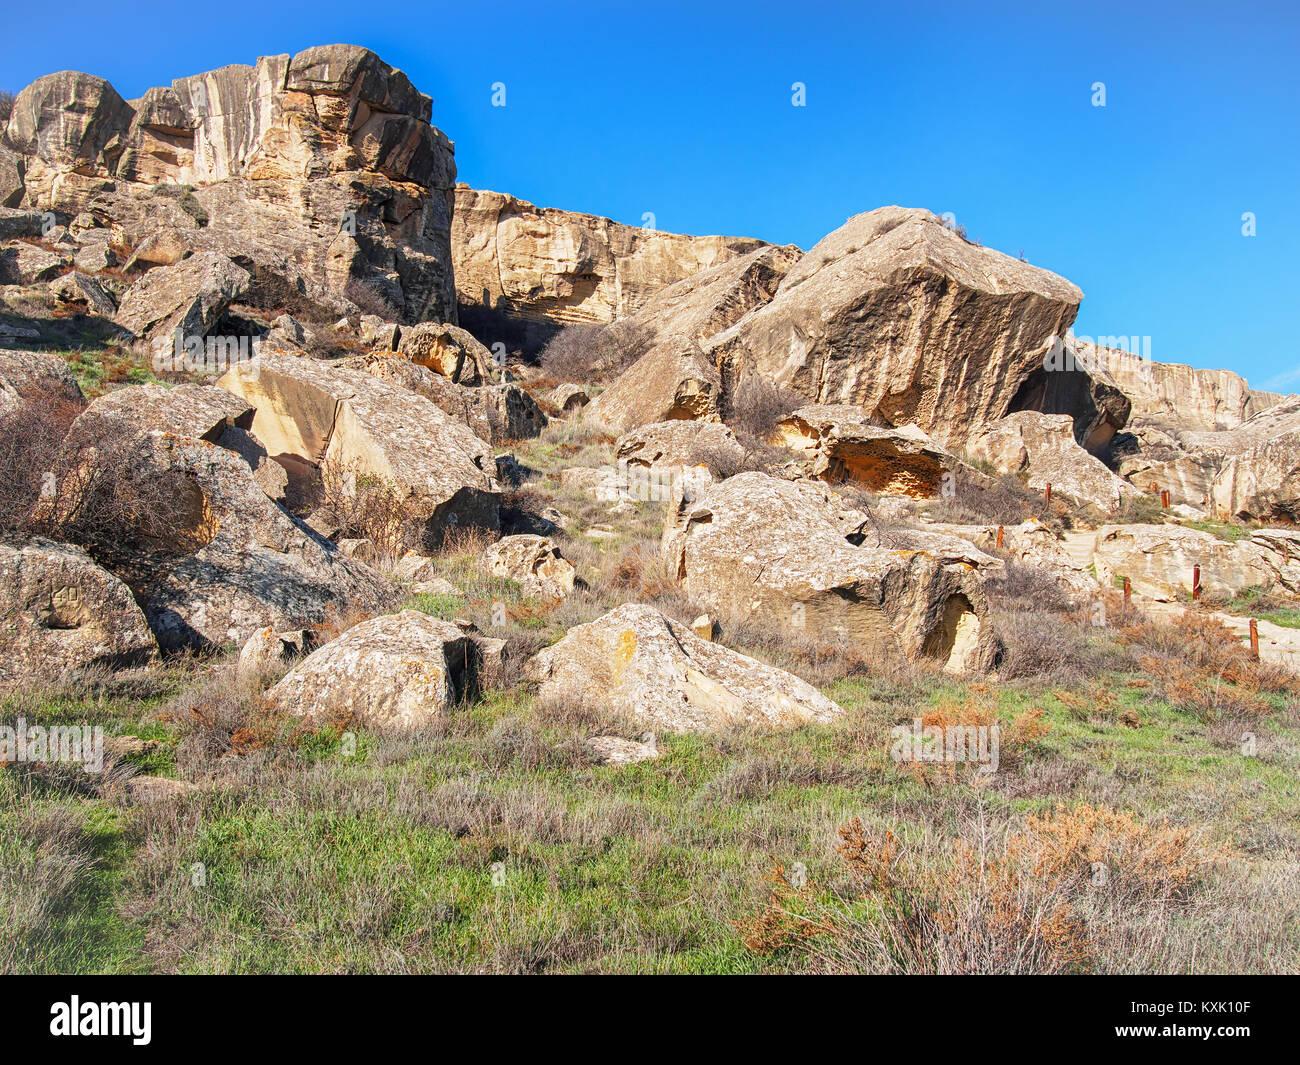 Chalk-stone rocks in the Gobustan National Park, Azerbaijan - Stock Image